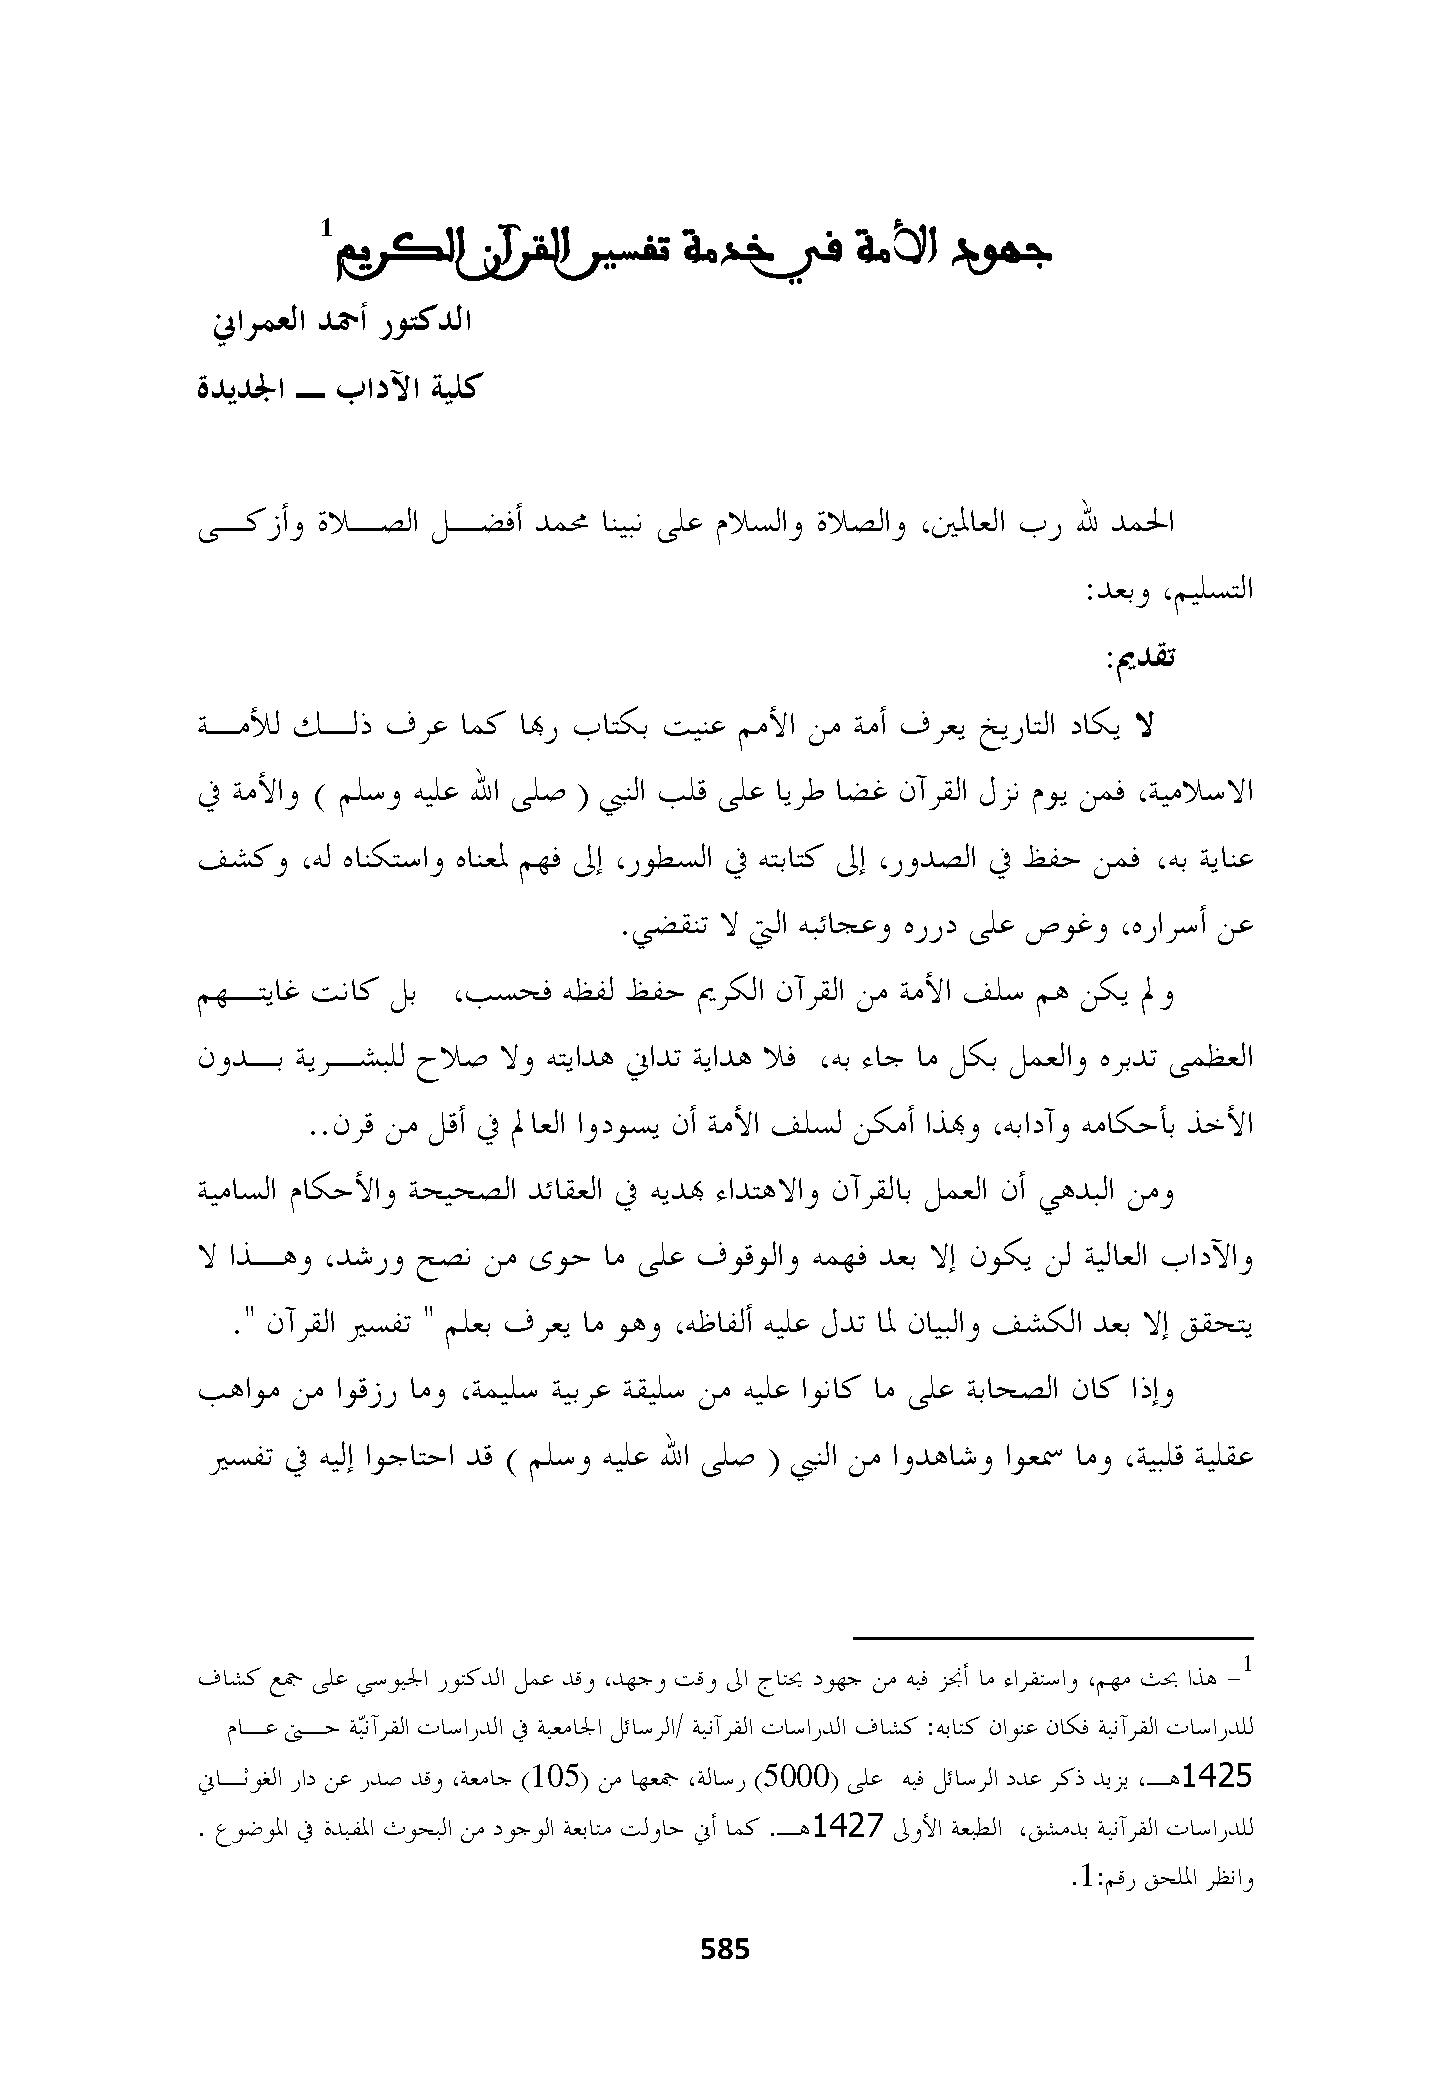 تحميل كتاب جهود الأمة في خدمة تفسير القرآن الكريم لـِ: الدكتور أحمد بن محمد العمراني